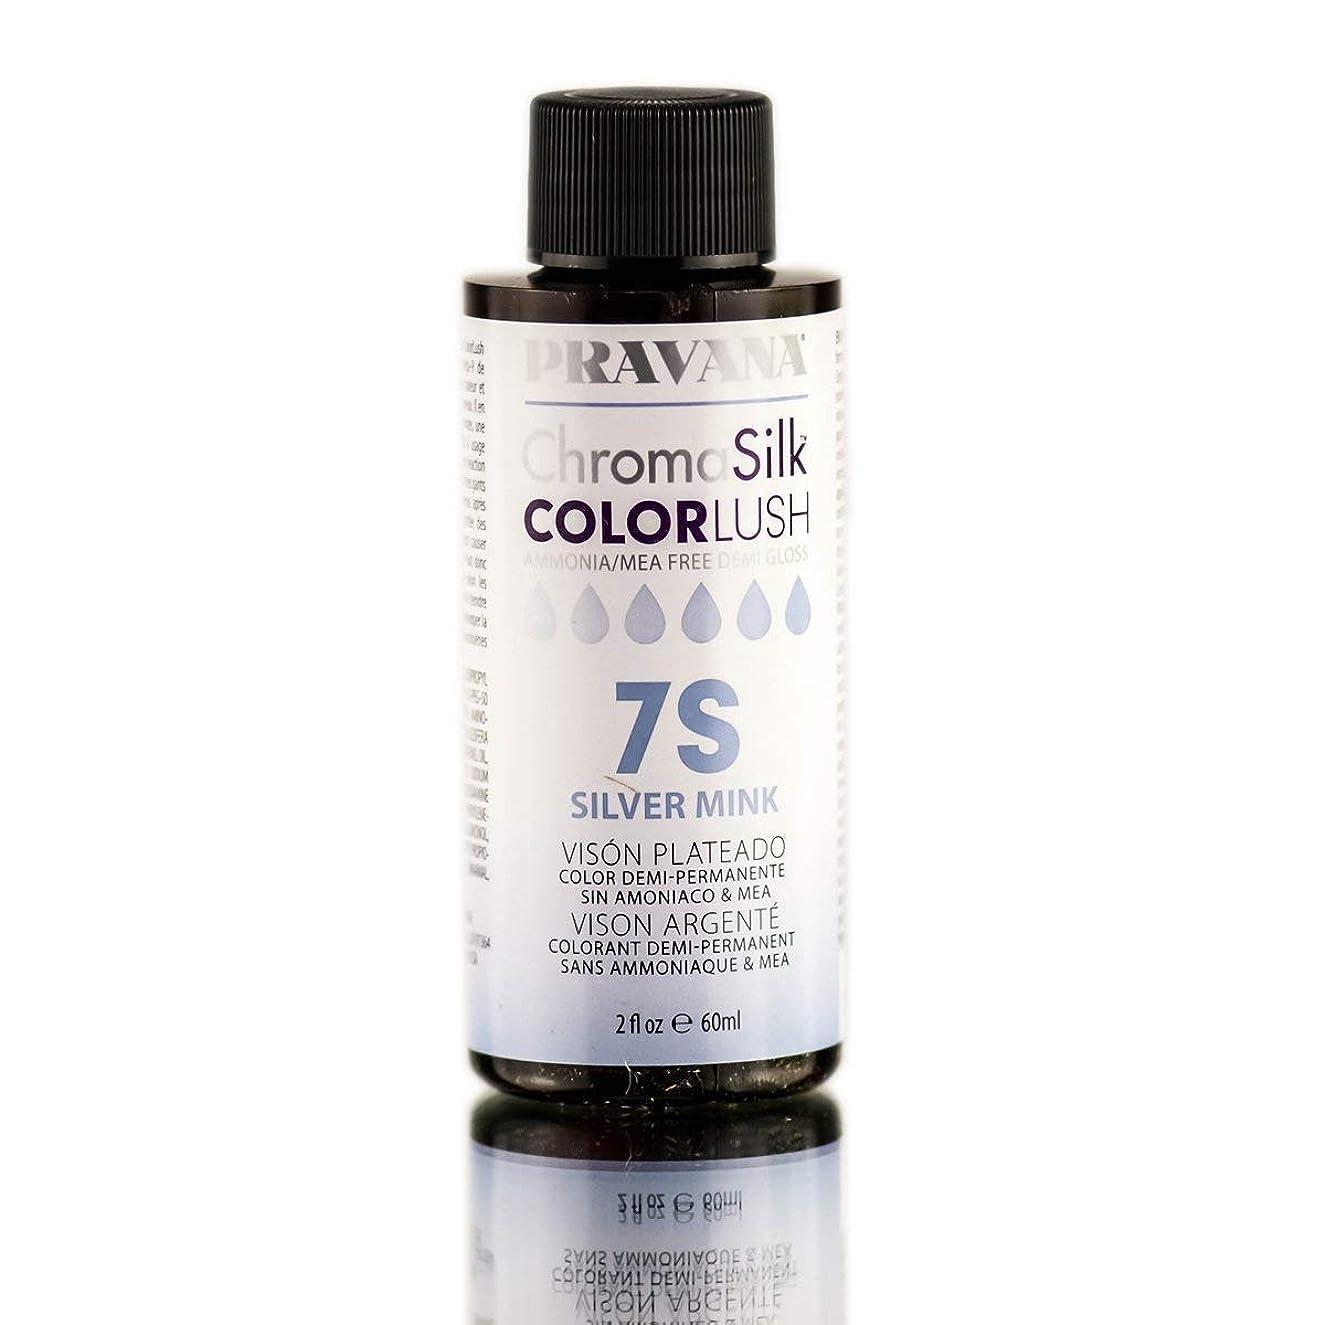 ぼんやりしたそのようなふさわしいPravana ChromaSilk ColorLushデミグロス - シルバーミンク/ 7S